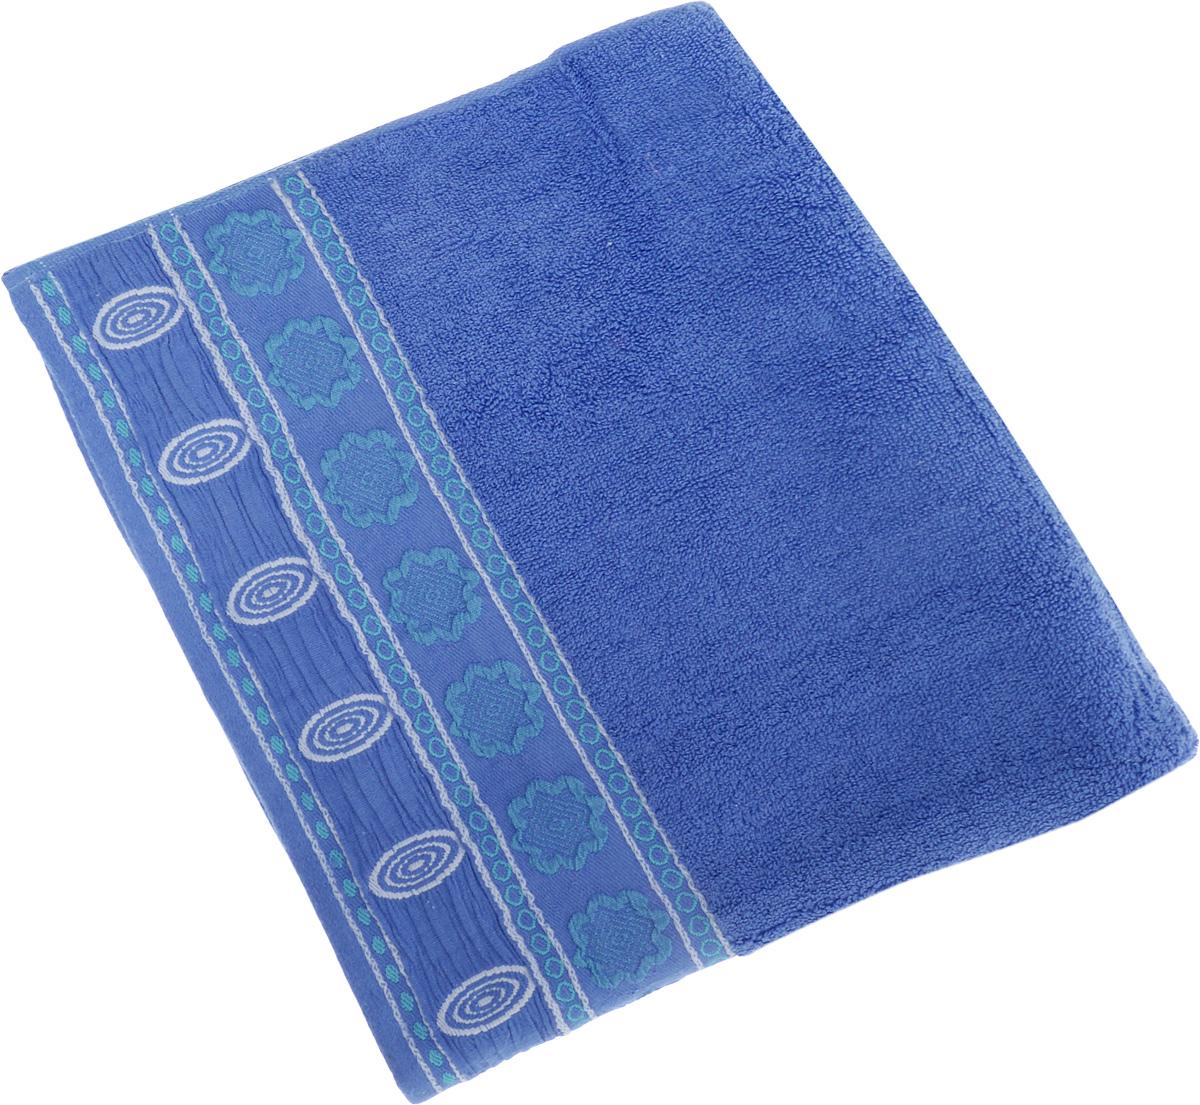 Полотенце Soavita Bruno, цвет: темно-синий, 70 х 140 см64043Полотенце Soavita Bruno выполнено из 100% хлопка. Изделие отлично впитывает влагу, быстро сохнет, сохраняет яркость цвета и не теряет форму даже после многократных стирок. Полотенце очень практично и неприхотливо в уходе. Оно создаст прекрасное настроение и украсит интерьер в ванной комнате.